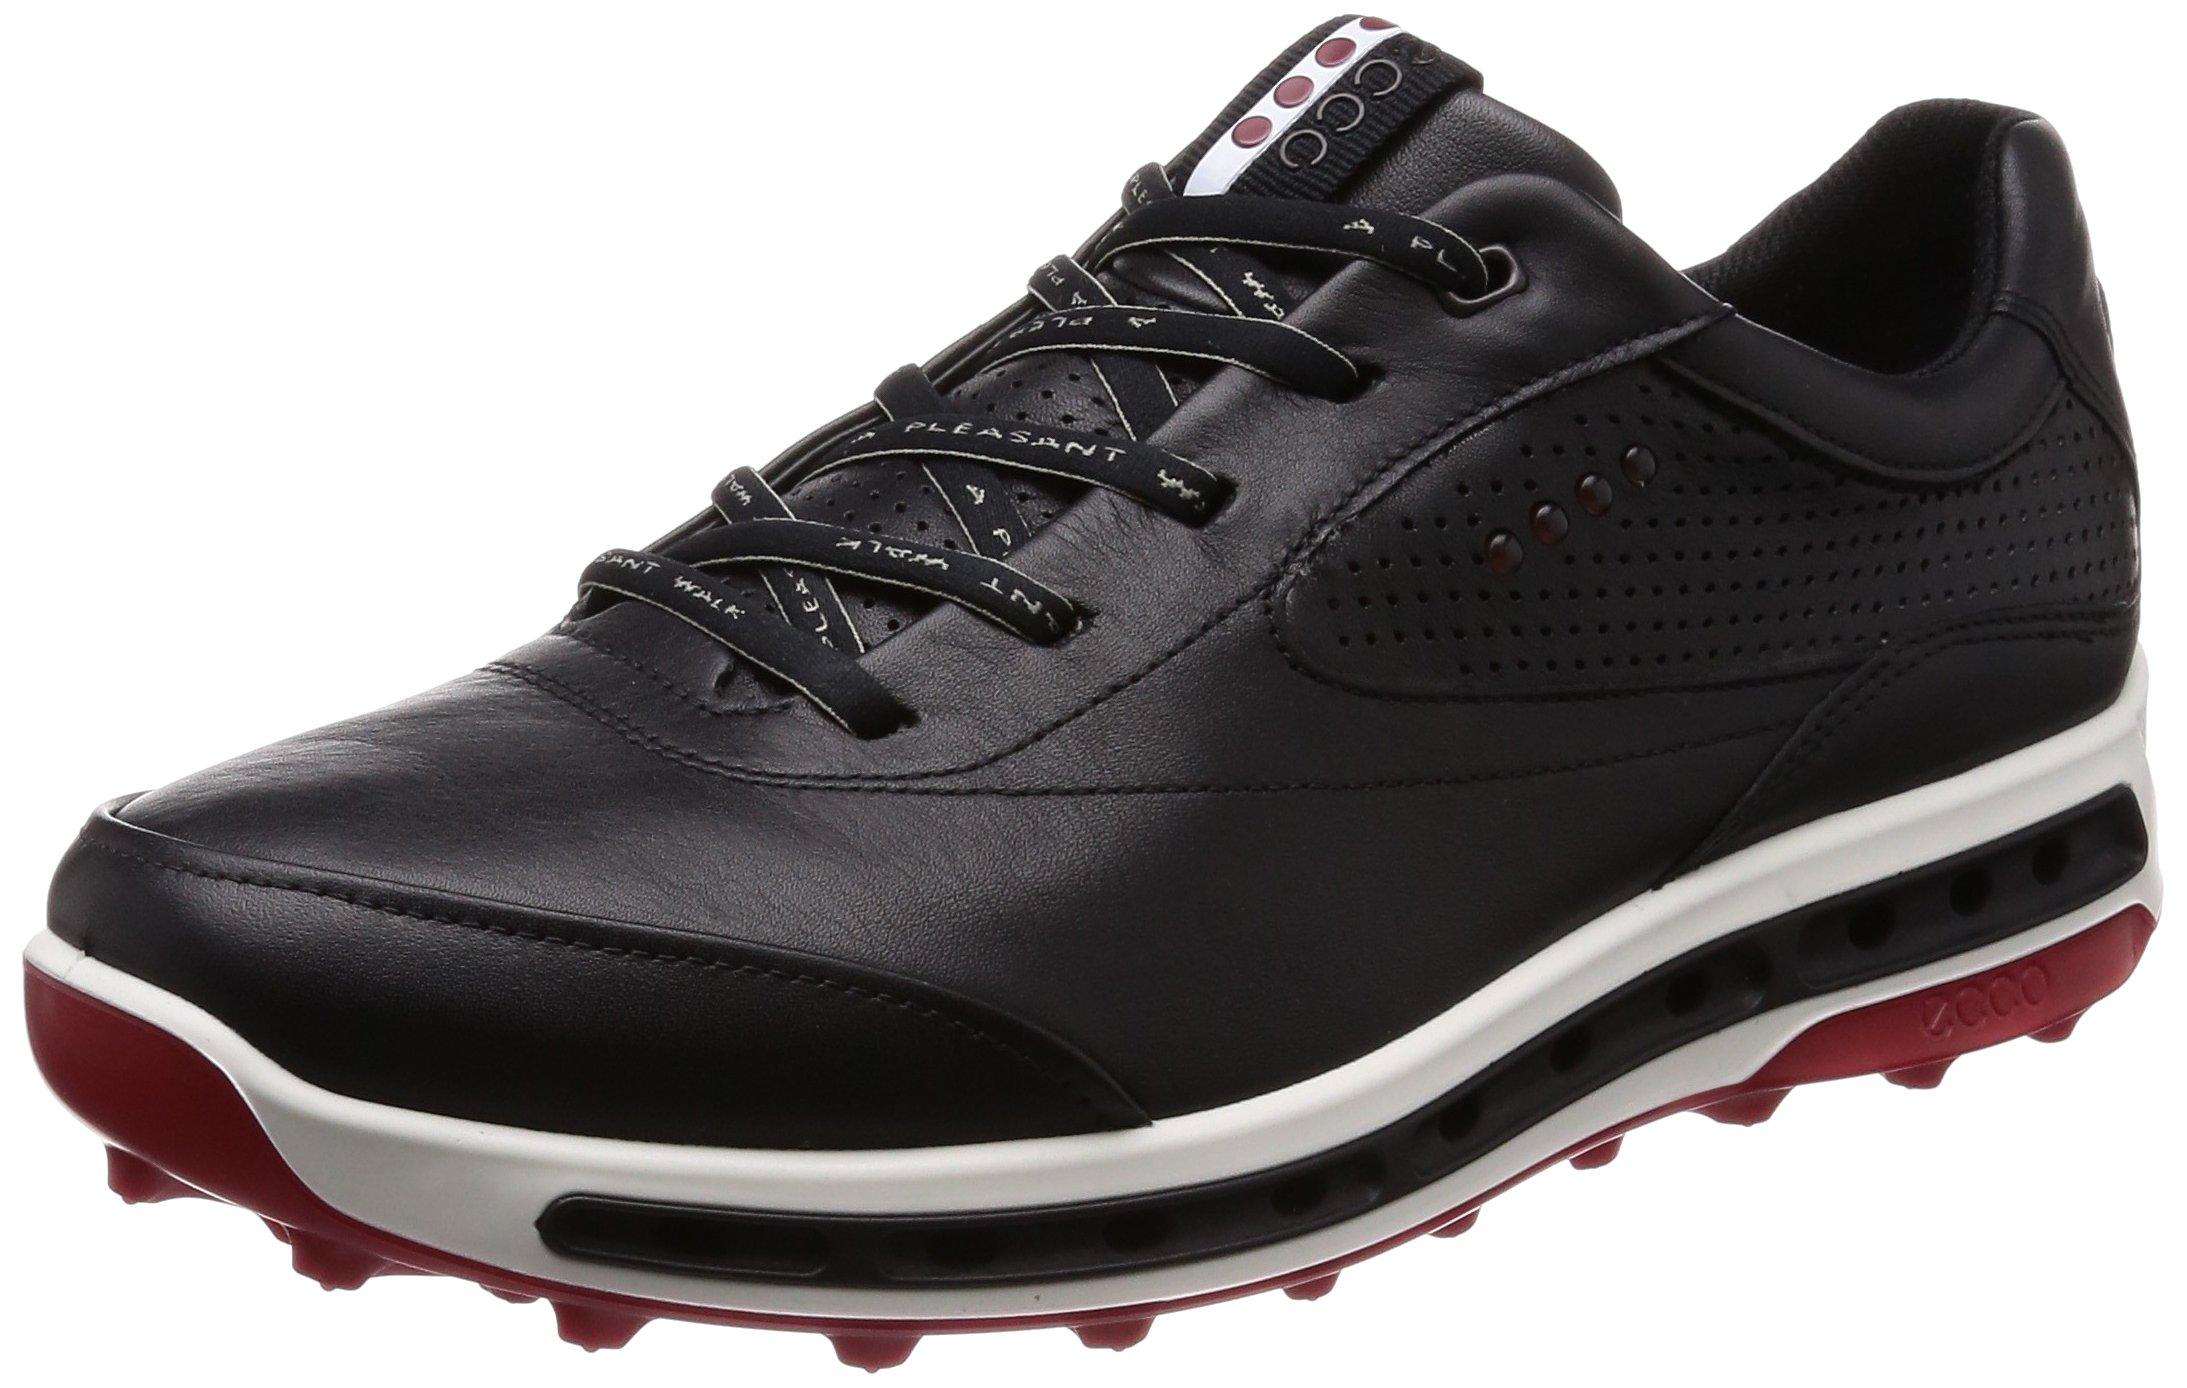 ECCO Men's Cool Pro Gore-TEX Golf Shoe Black/Brick 40 M EU (6-6.5 US)